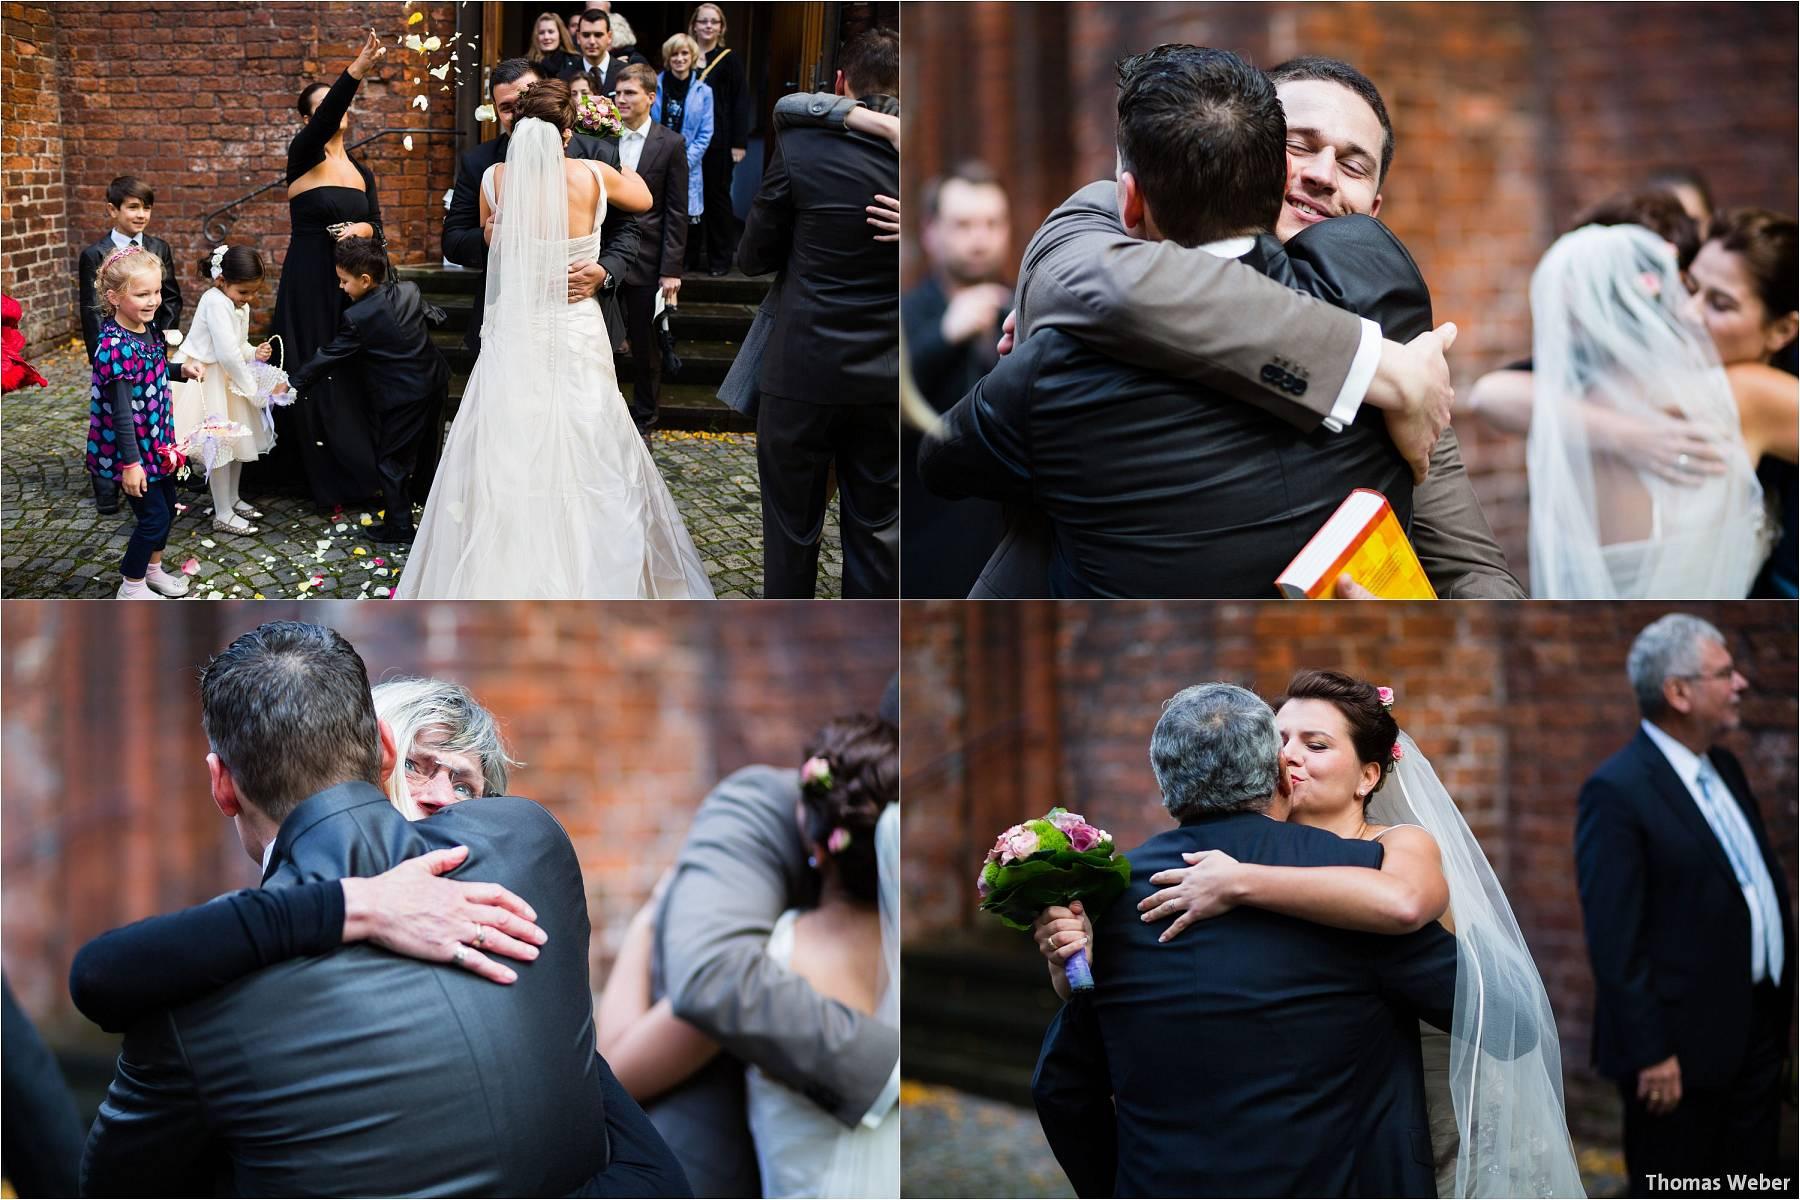 Hochzeitsfotograf Bremen: Kirchliche Trauung in der Propsteikirche St. Johann im Bremer Schnoor und Hochzeitsfeier bei Rogge Dünsen (17)